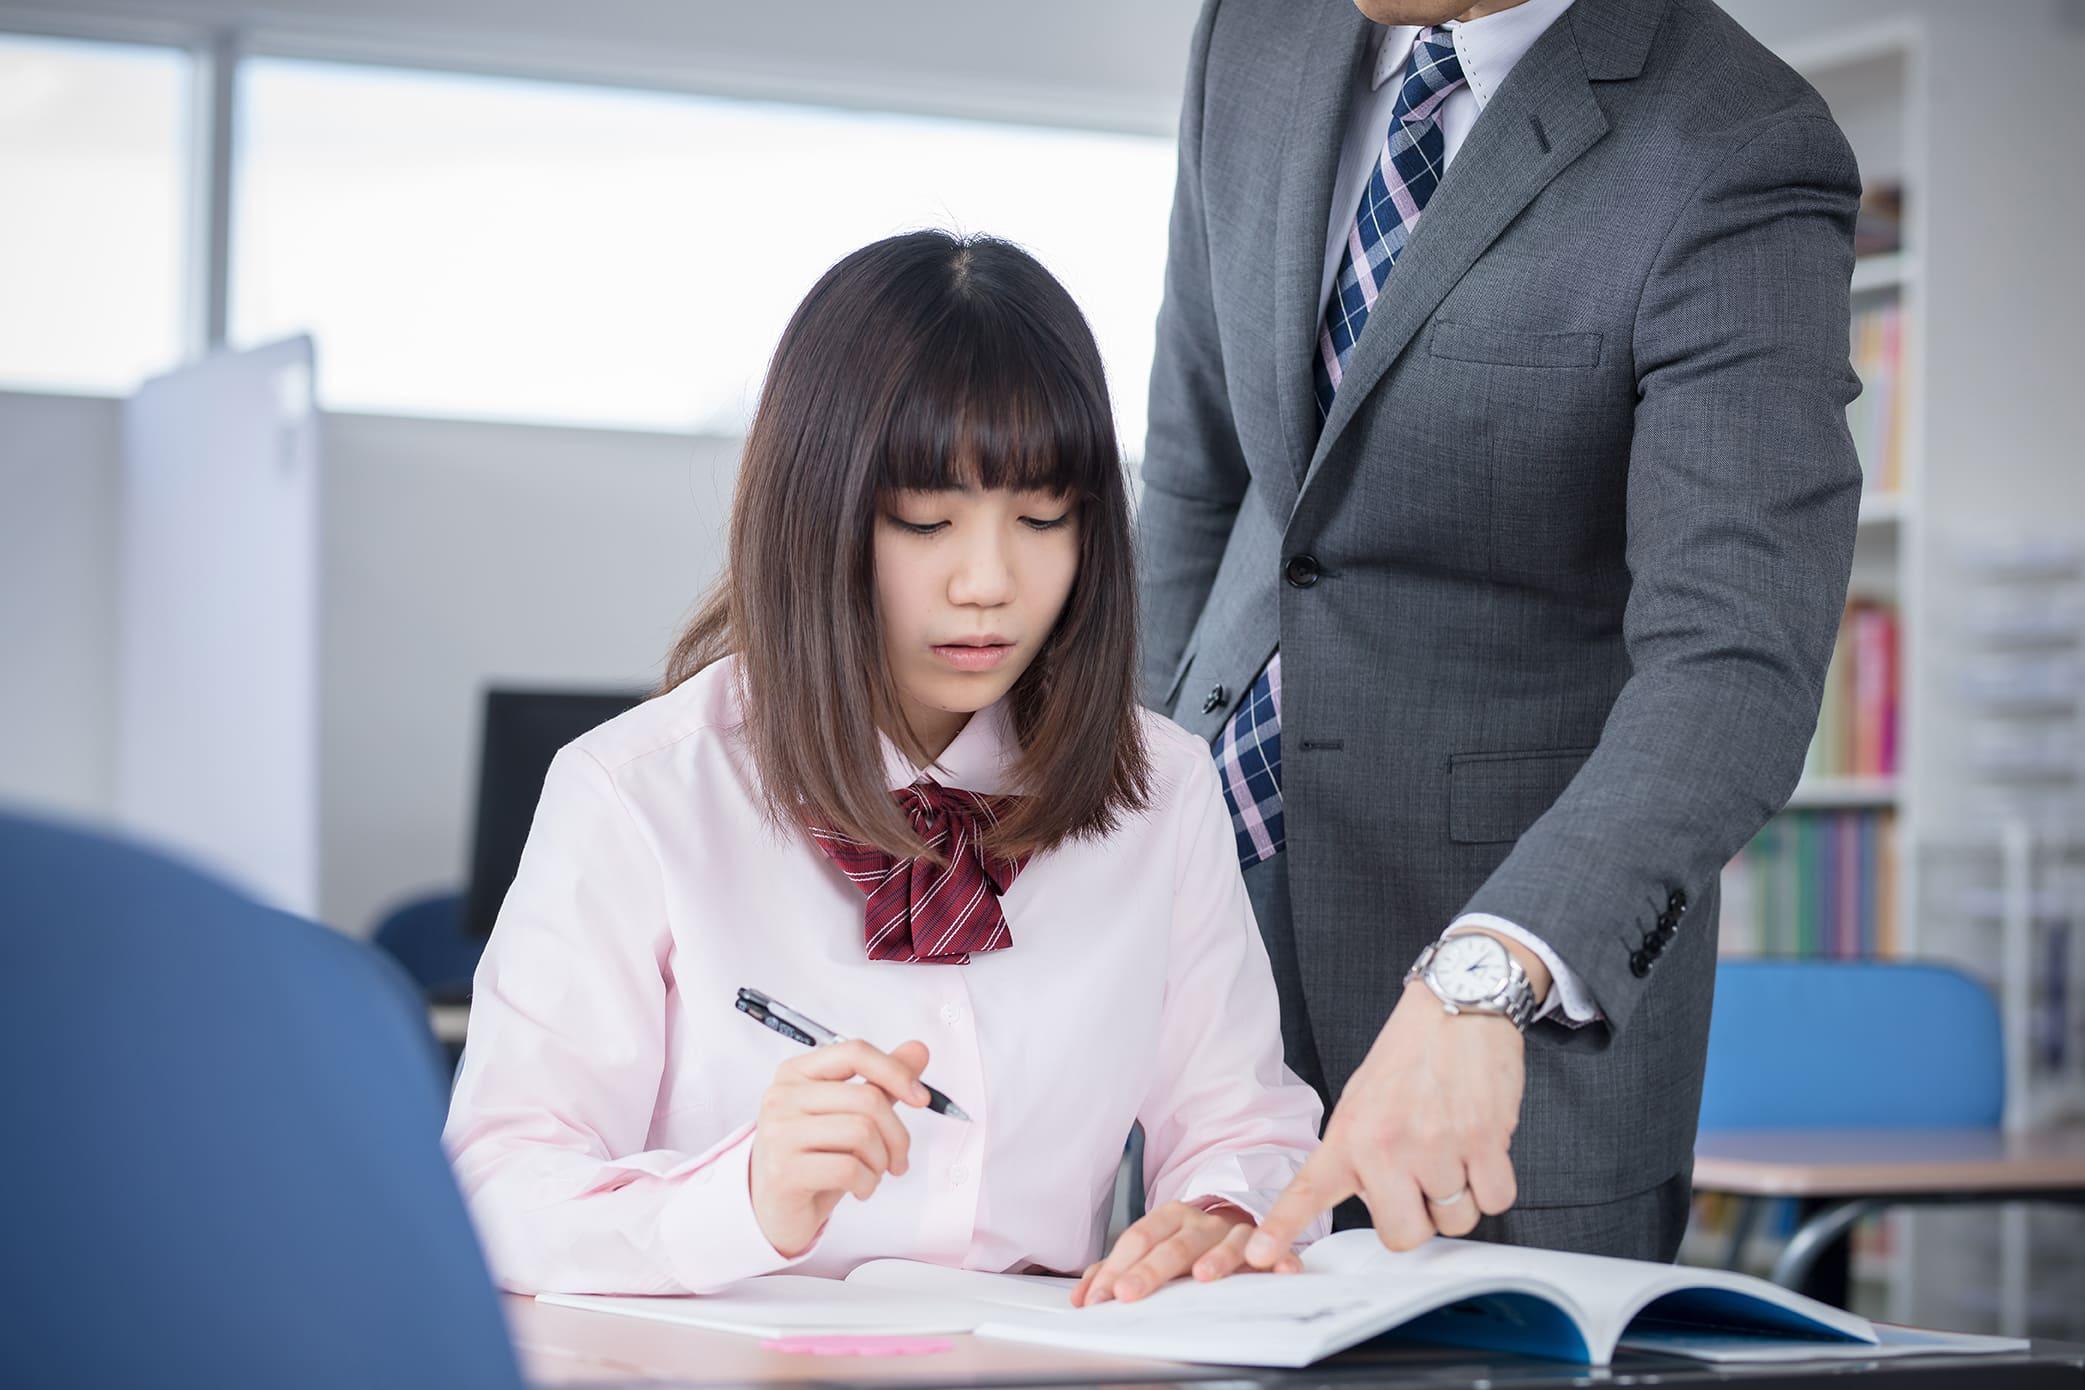 業界別動画広告の制作のポイント~学習塾・教室編~